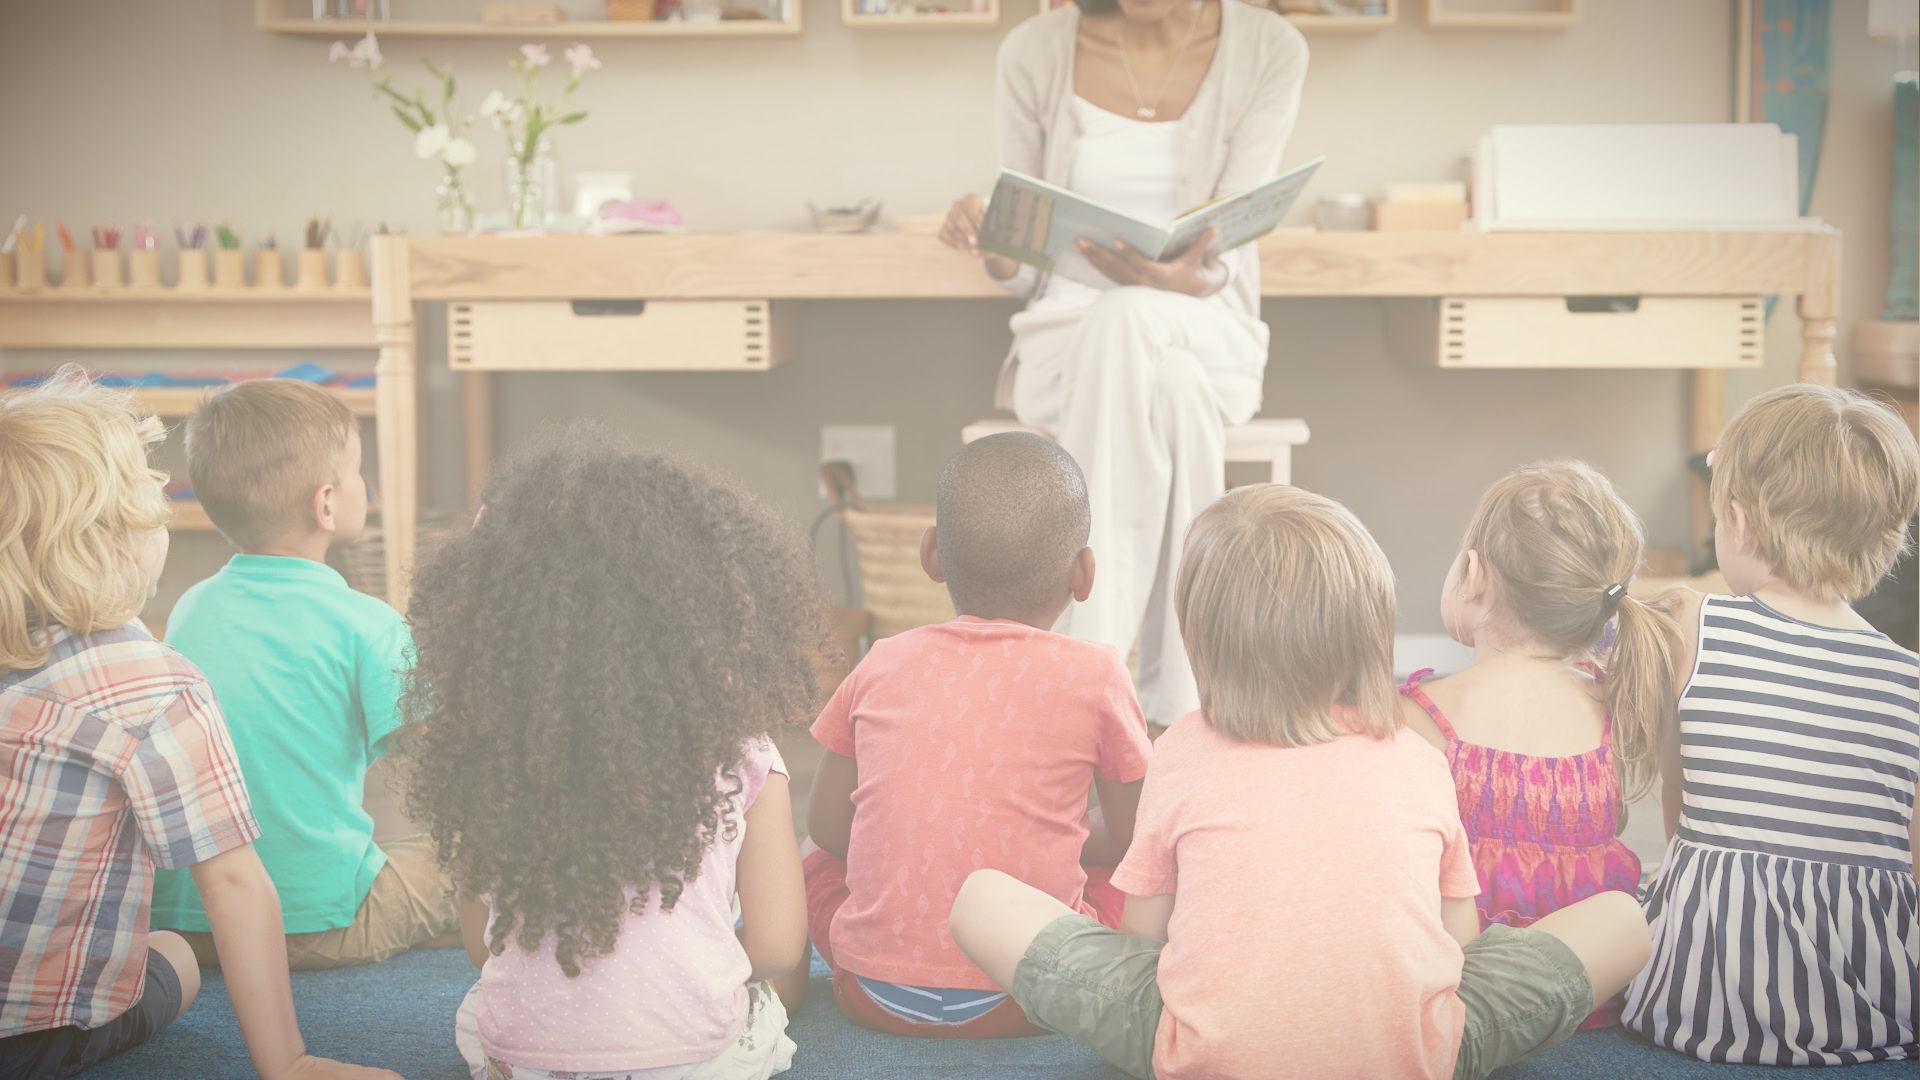 September Children's Ministry Update